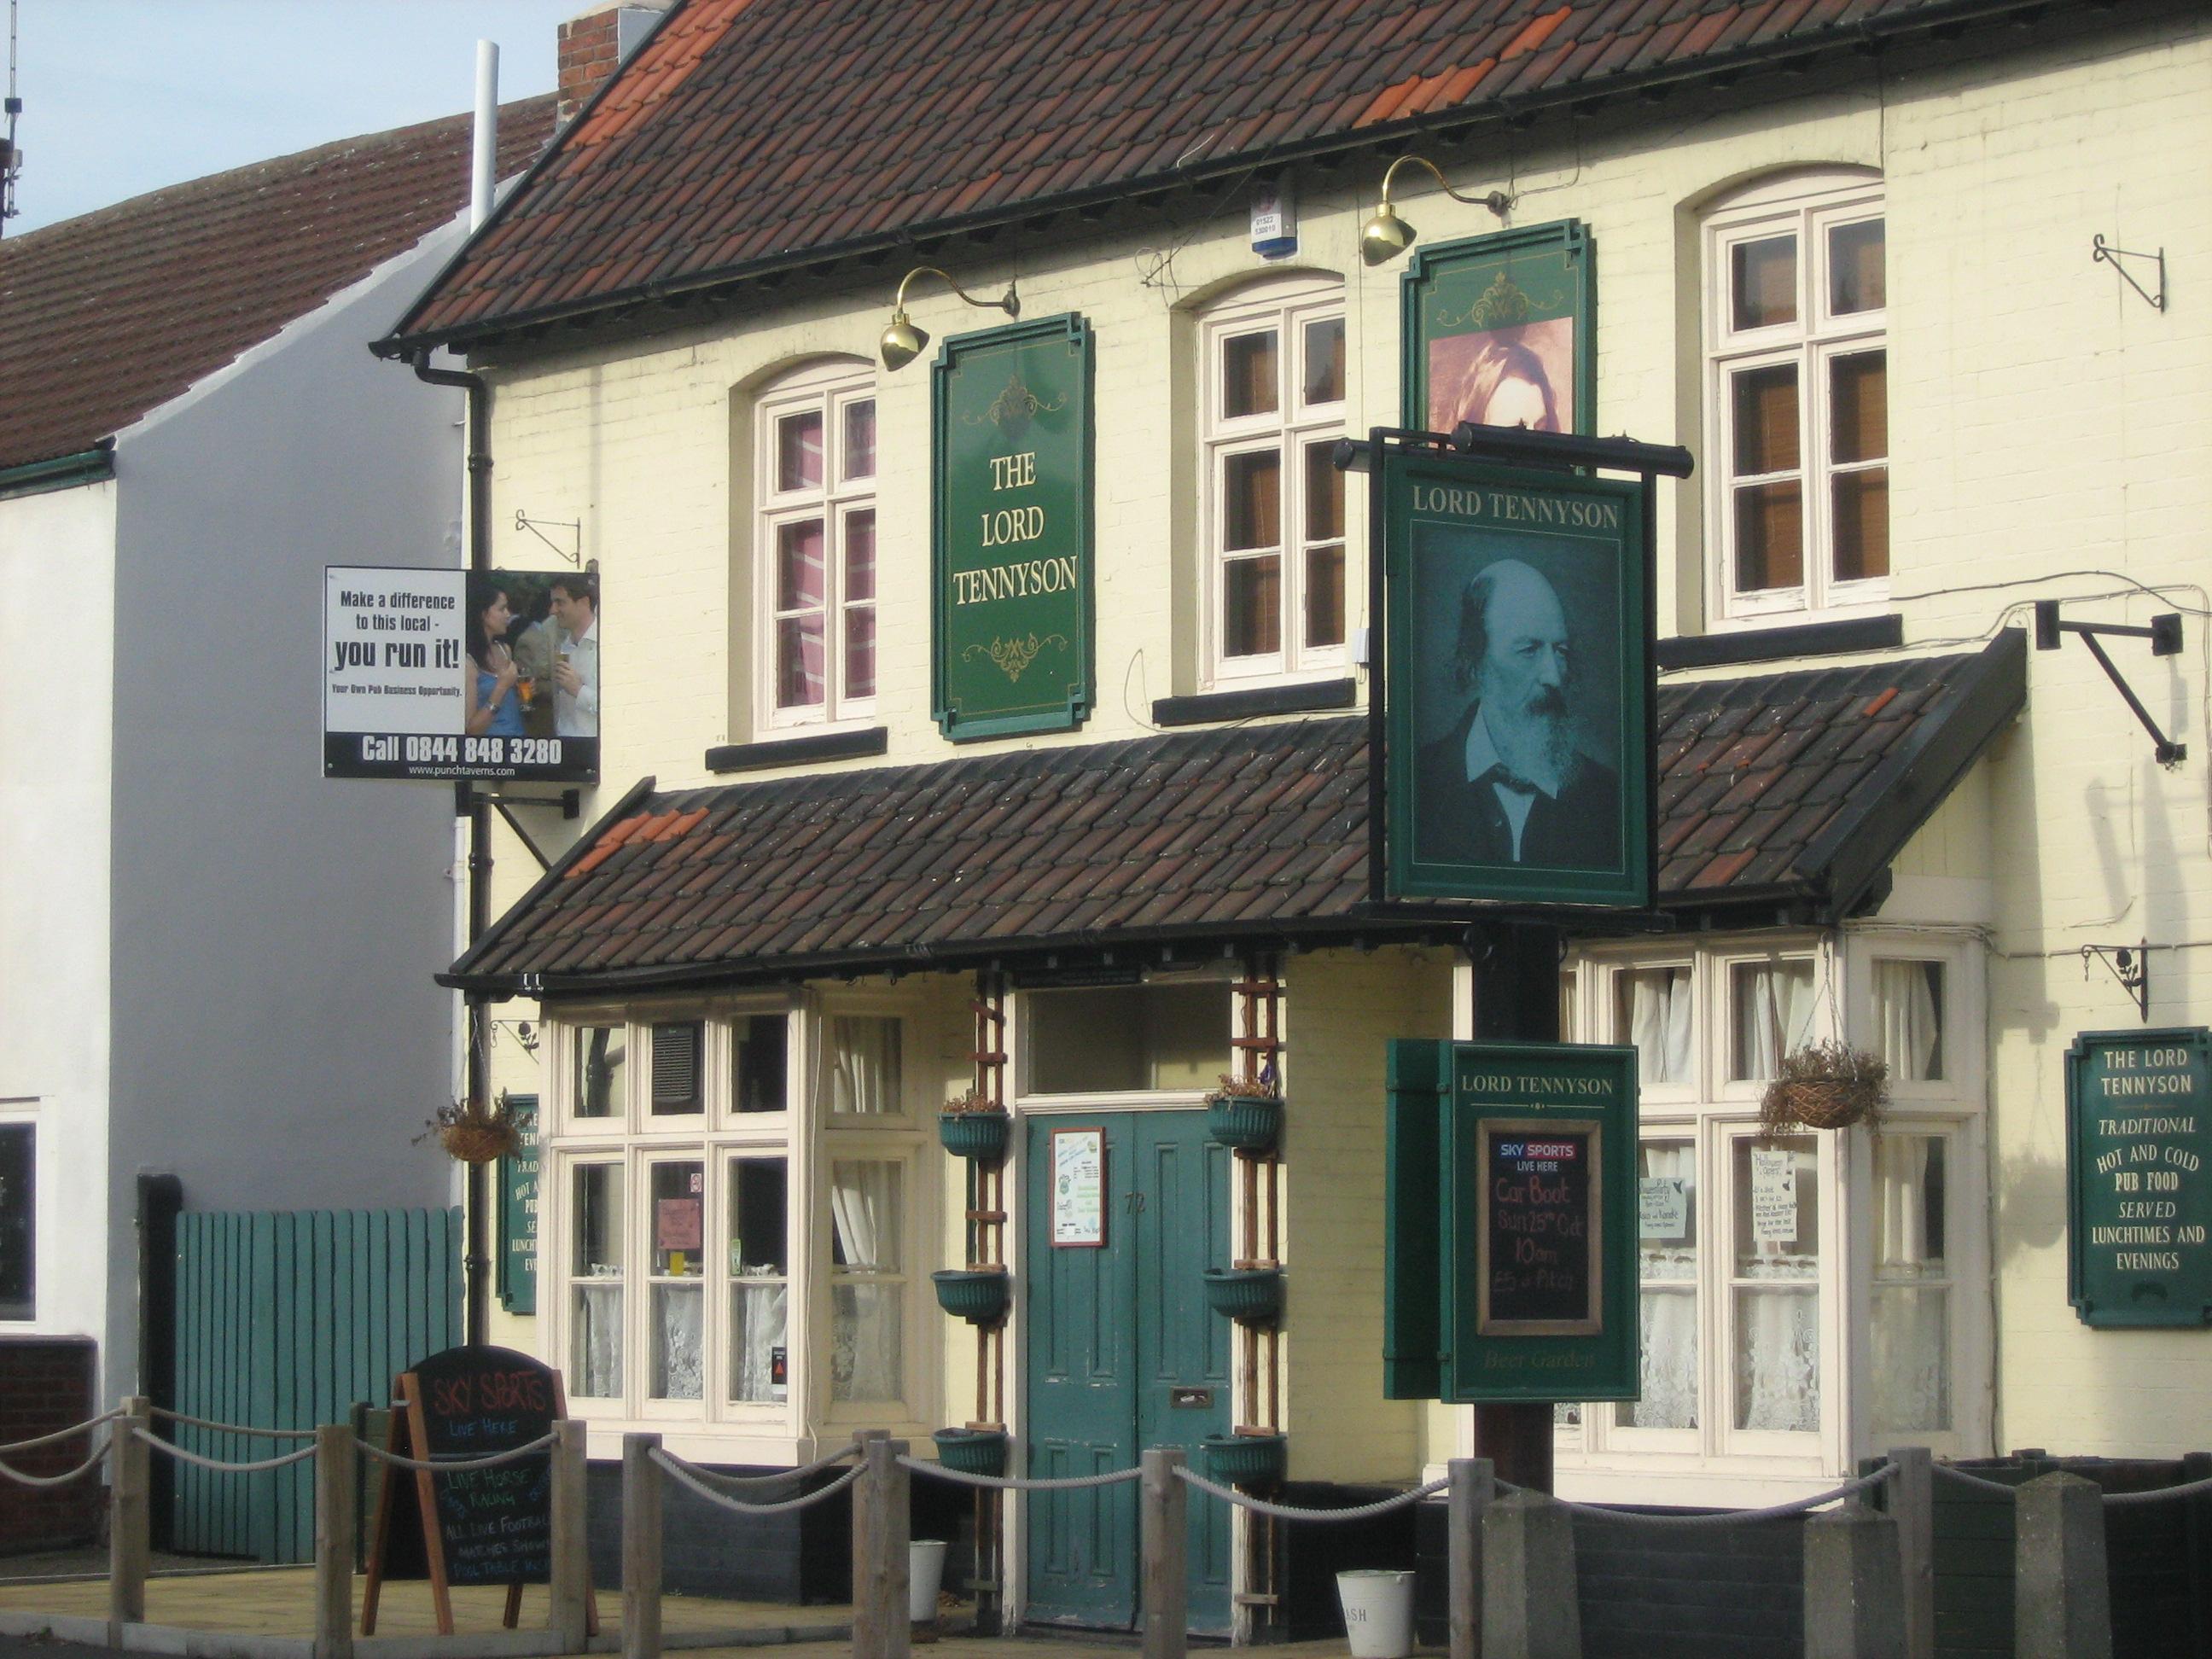 The Lord Tennyson on Rasen Lane